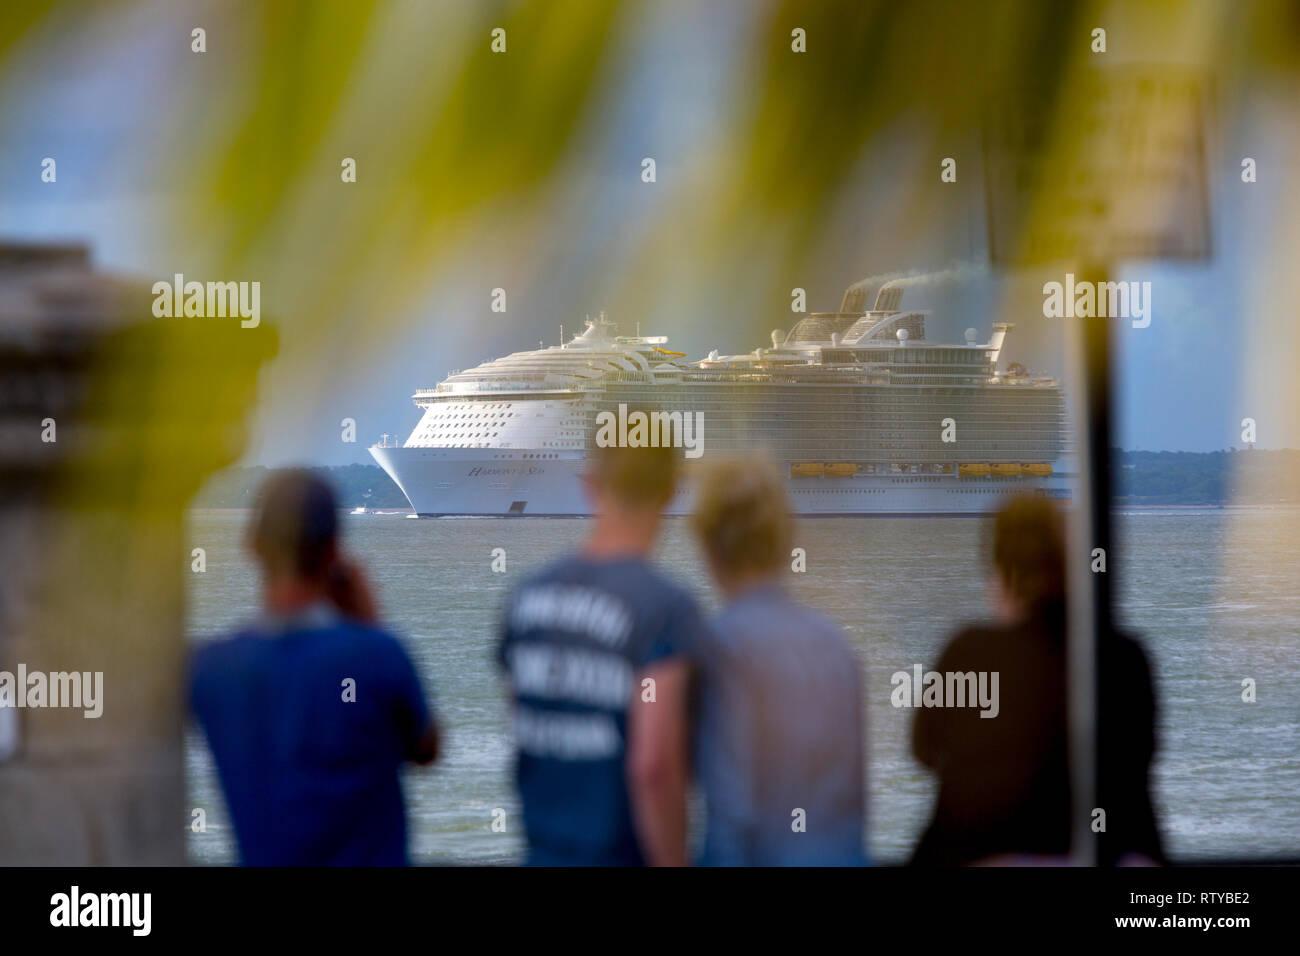 Voyage de luxe,, luxueux, mariage, lune de miel, suite, cabine, harmonie de la mer,de,croisière,laissant,Pollution,Southampton, Cowes, île de Wight, Angleterre Photo Stock